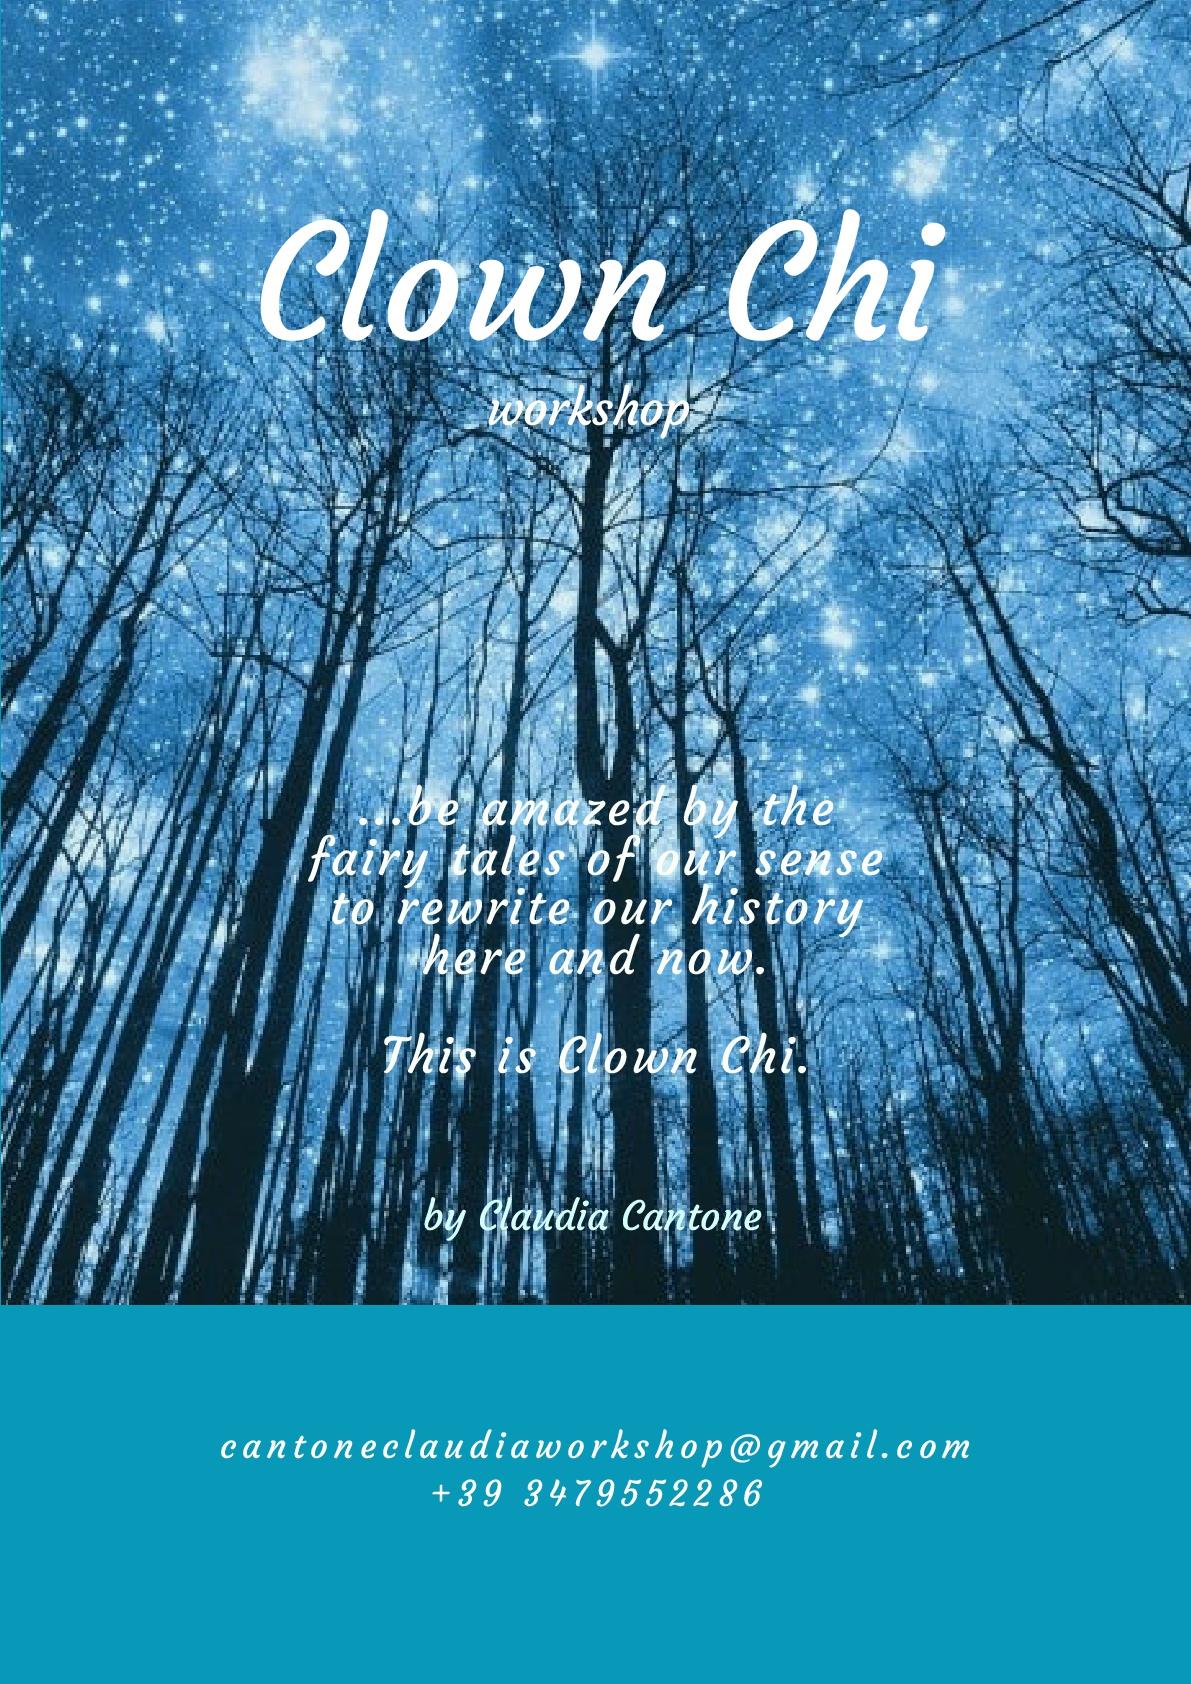 Clown Chi workshop sensorial com Claudia Cantone (it)